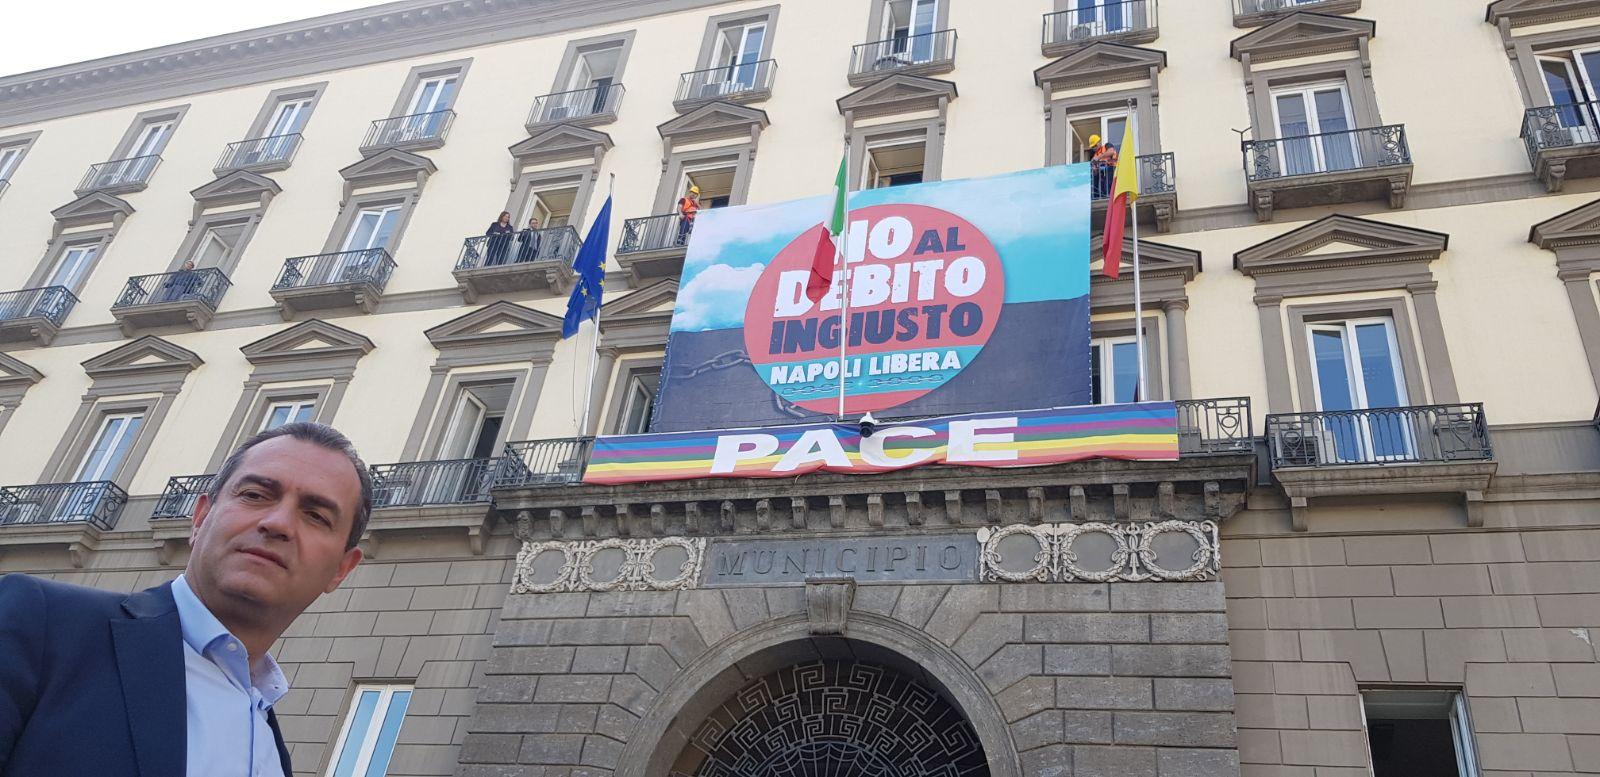 Napoli, De Luca attacca de Magistris ma non parla dei debiti accumulati dai commissari e compagni di partito